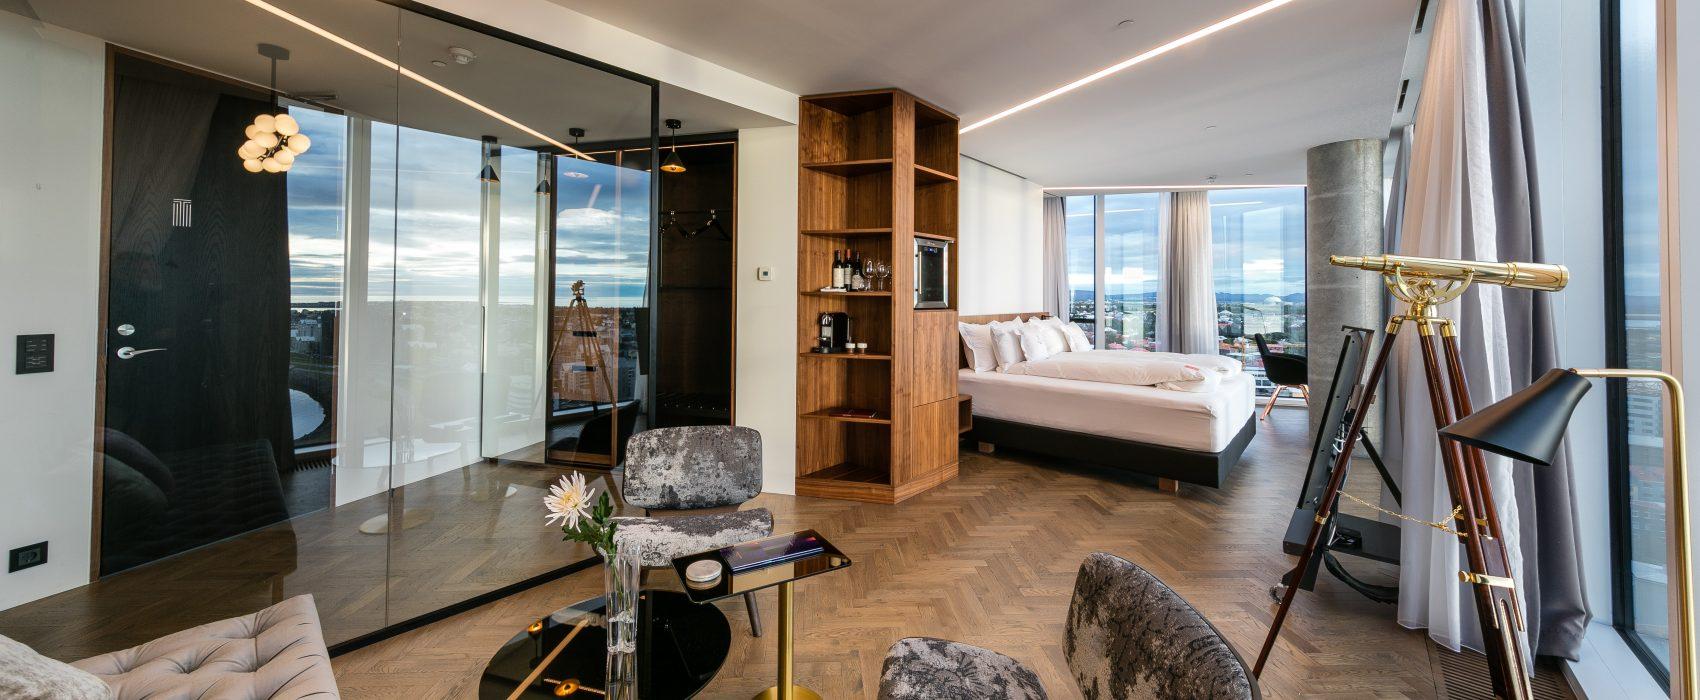 """Tower Suites on yhtä kuin kahdeksan sviittiä Reykjavíkin ainoassa """"korkeassa kerrostalossa"""". Huikeat näkymät! Kuva: Tower Suites."""